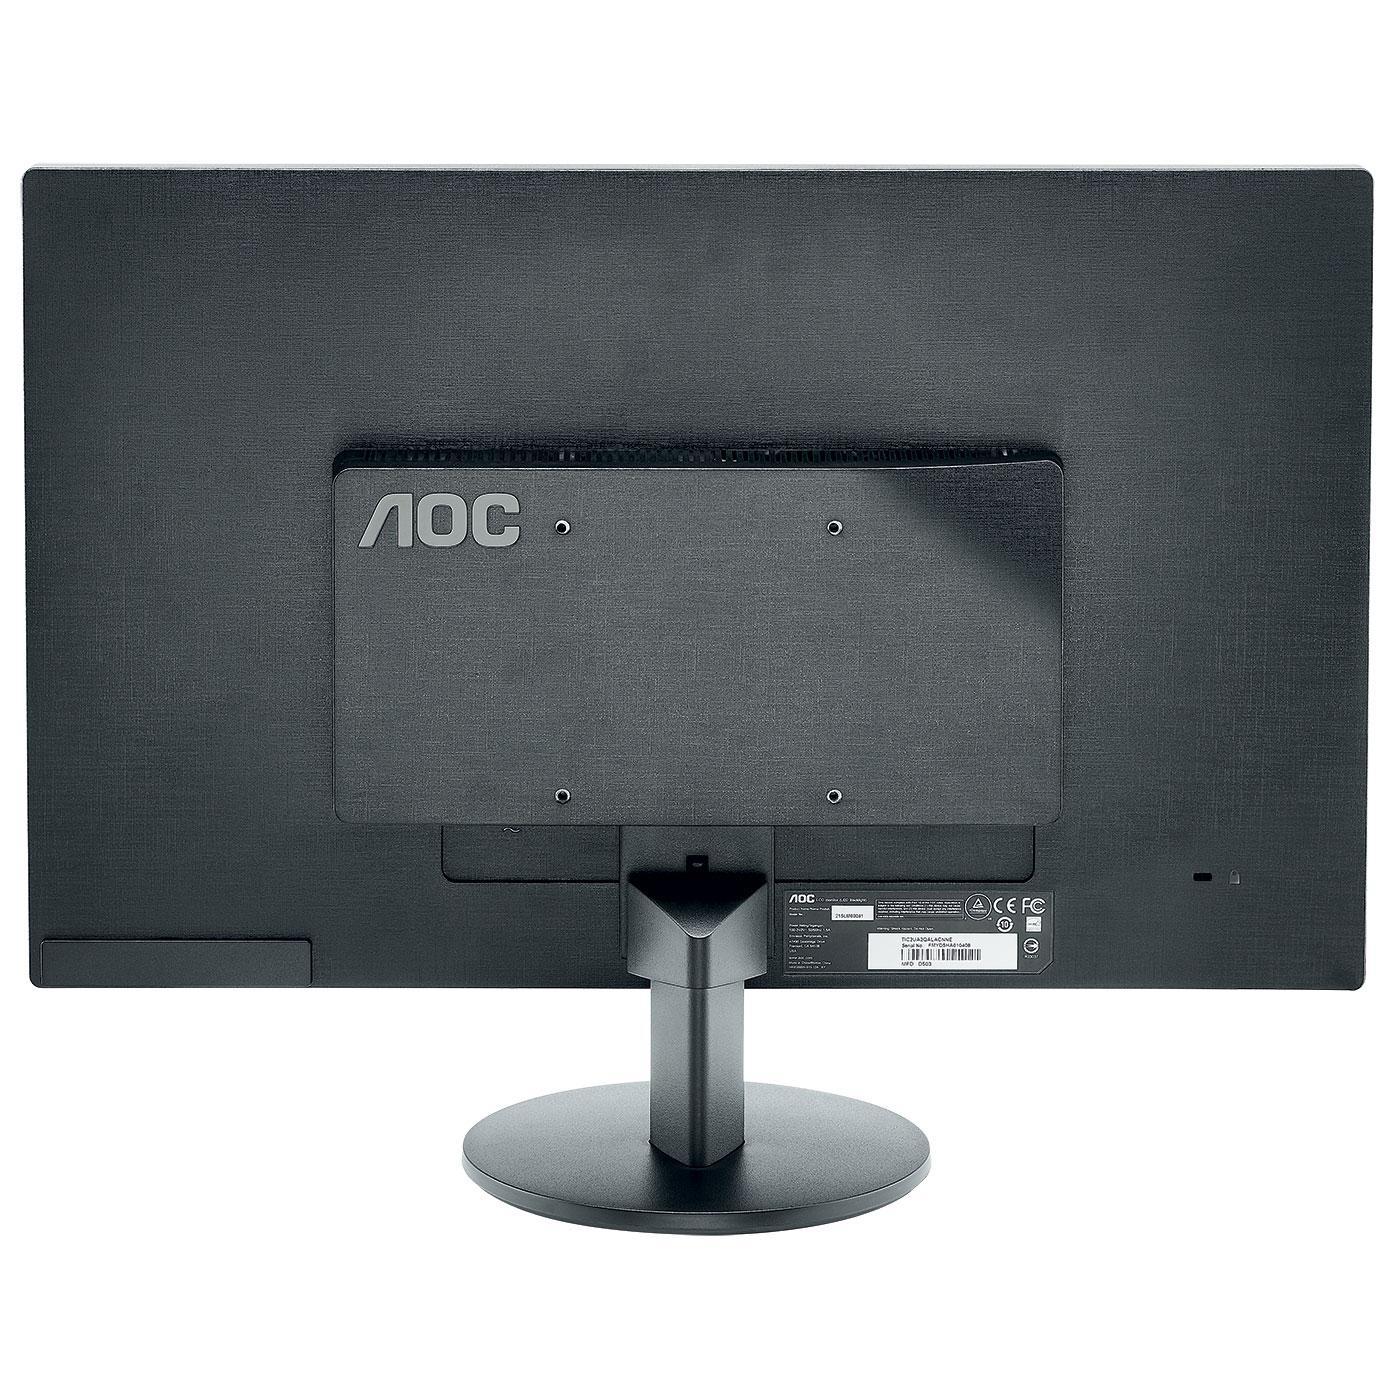 AOC - E2770SHE - Ecran PC 27'' Widescreen 2 x HDMI, VGA, Vesa - Noir